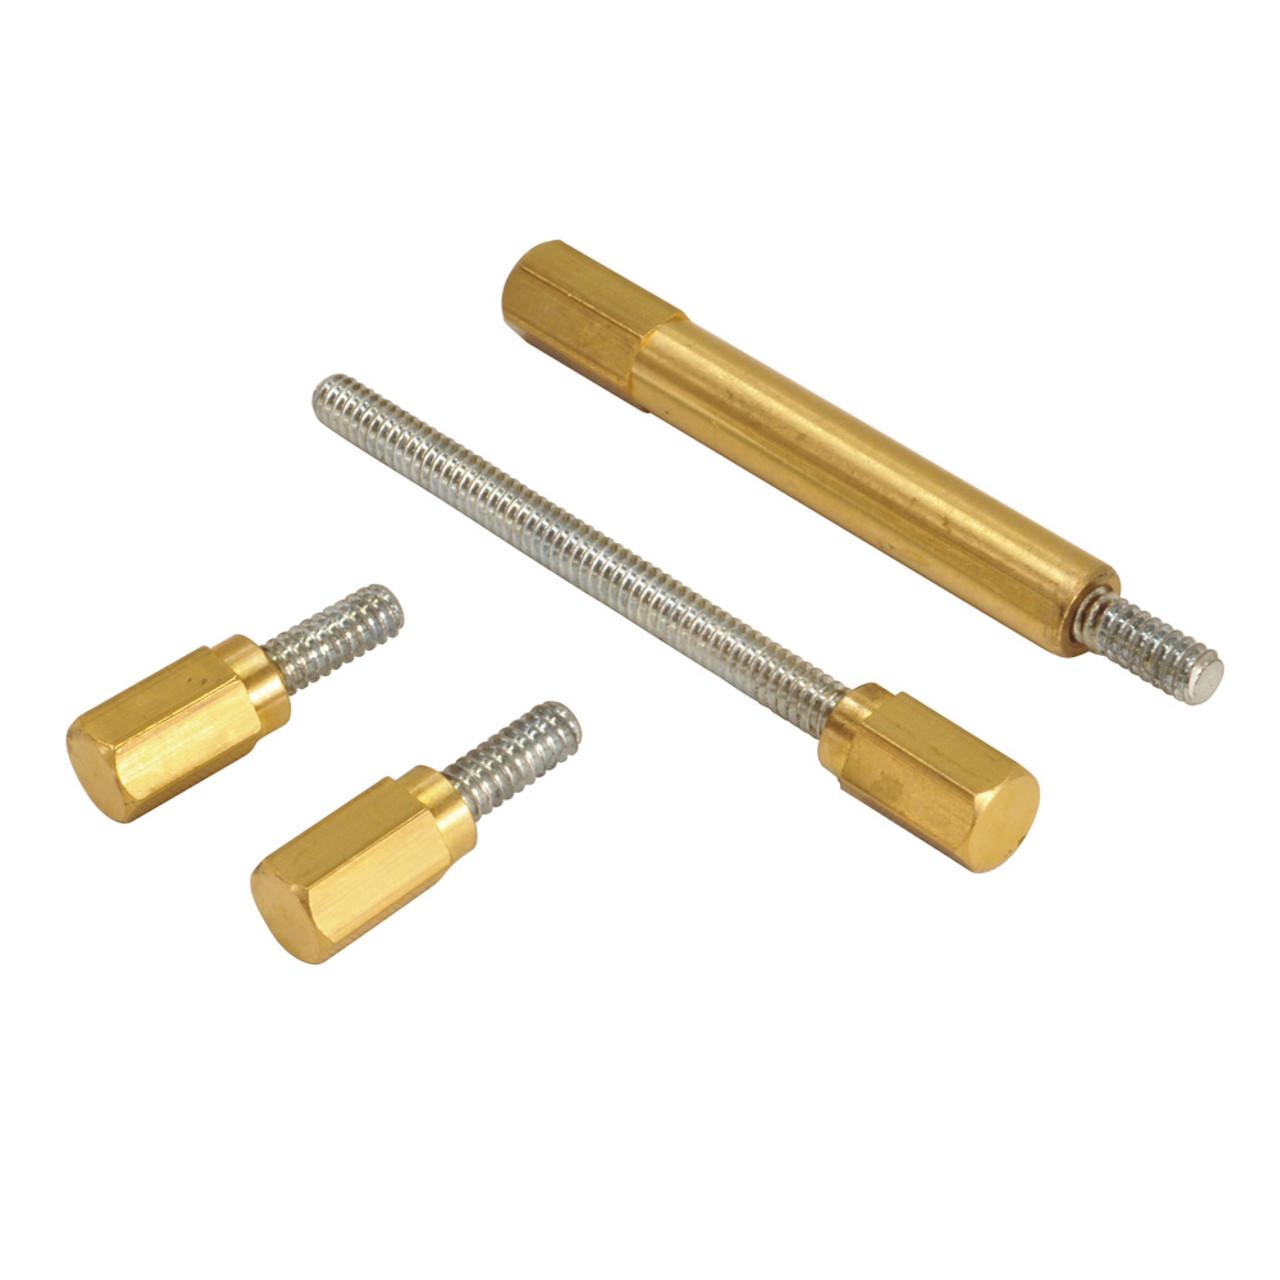 35-0025 Brass Extended Long Float Bowl Screw Kit Set S/&S Super E /& G Harley